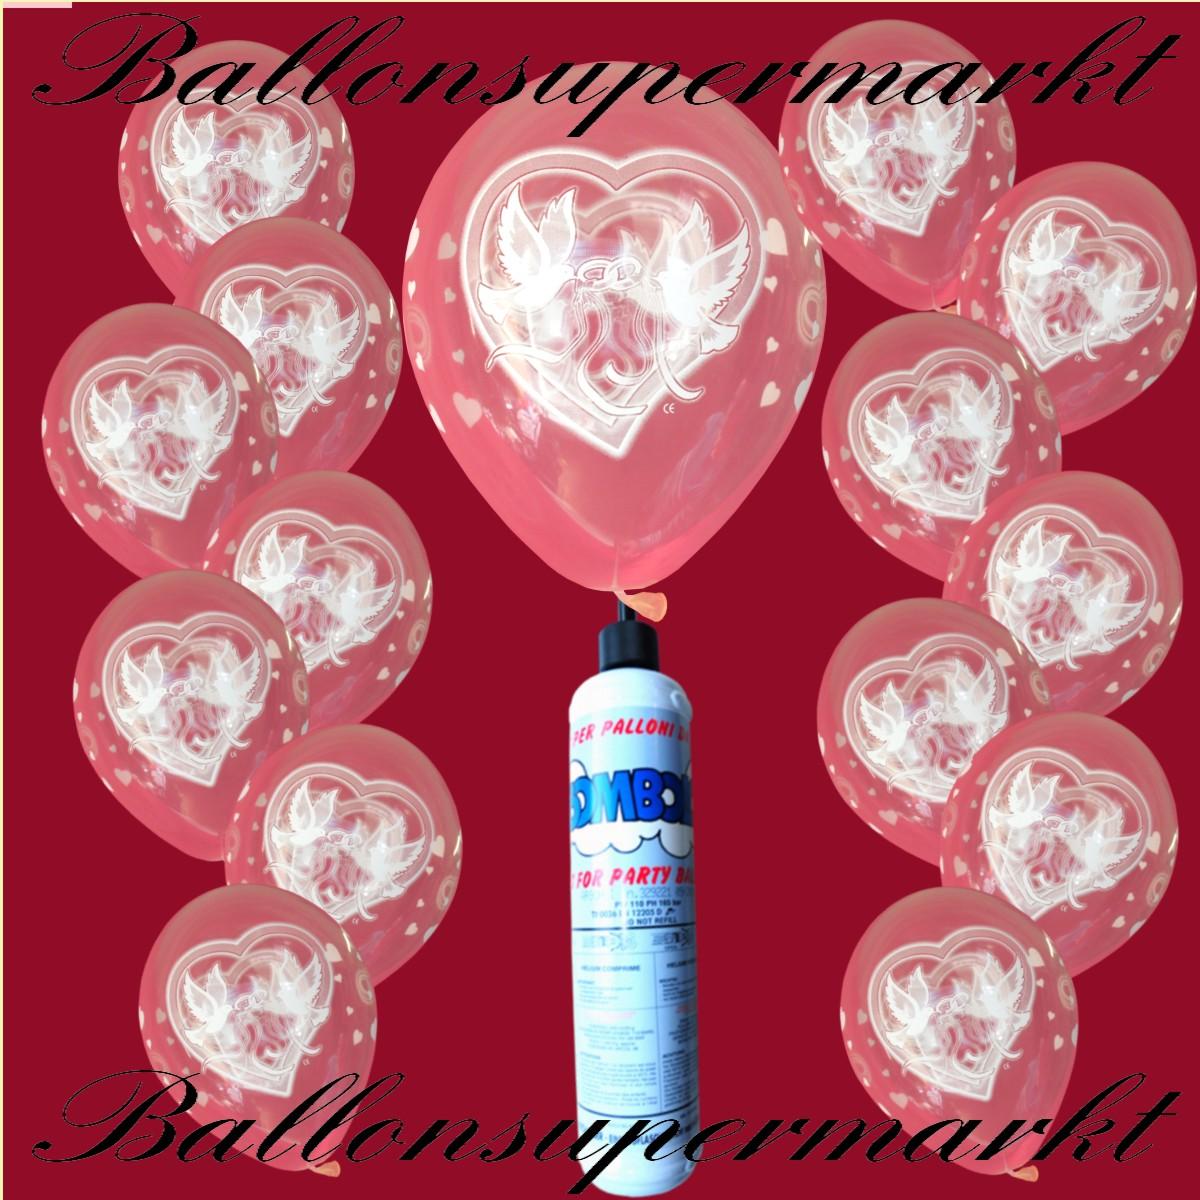 luftballons helium set miniflasche latex luftballons mit tauben zur hochzeit lu luftballons. Black Bedroom Furniture Sets. Home Design Ideas